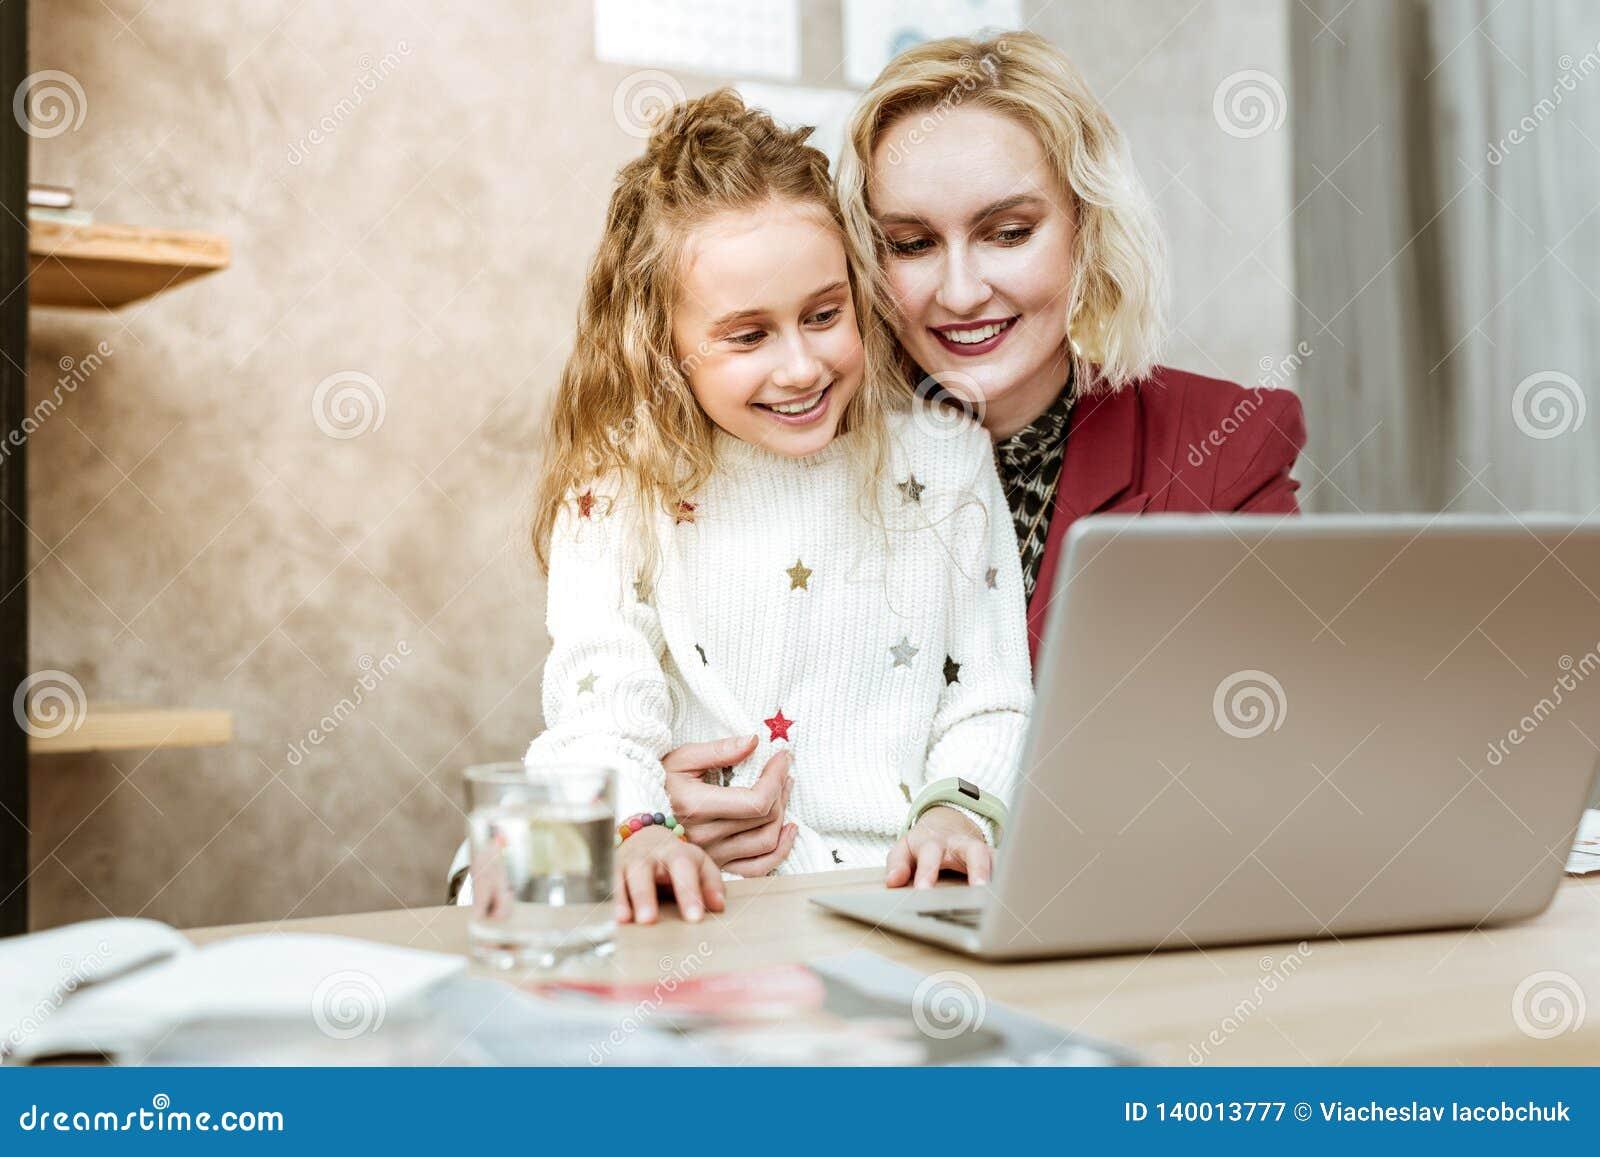 Madre adulta apuesta con la sonrisa amplia que lleva a su hija